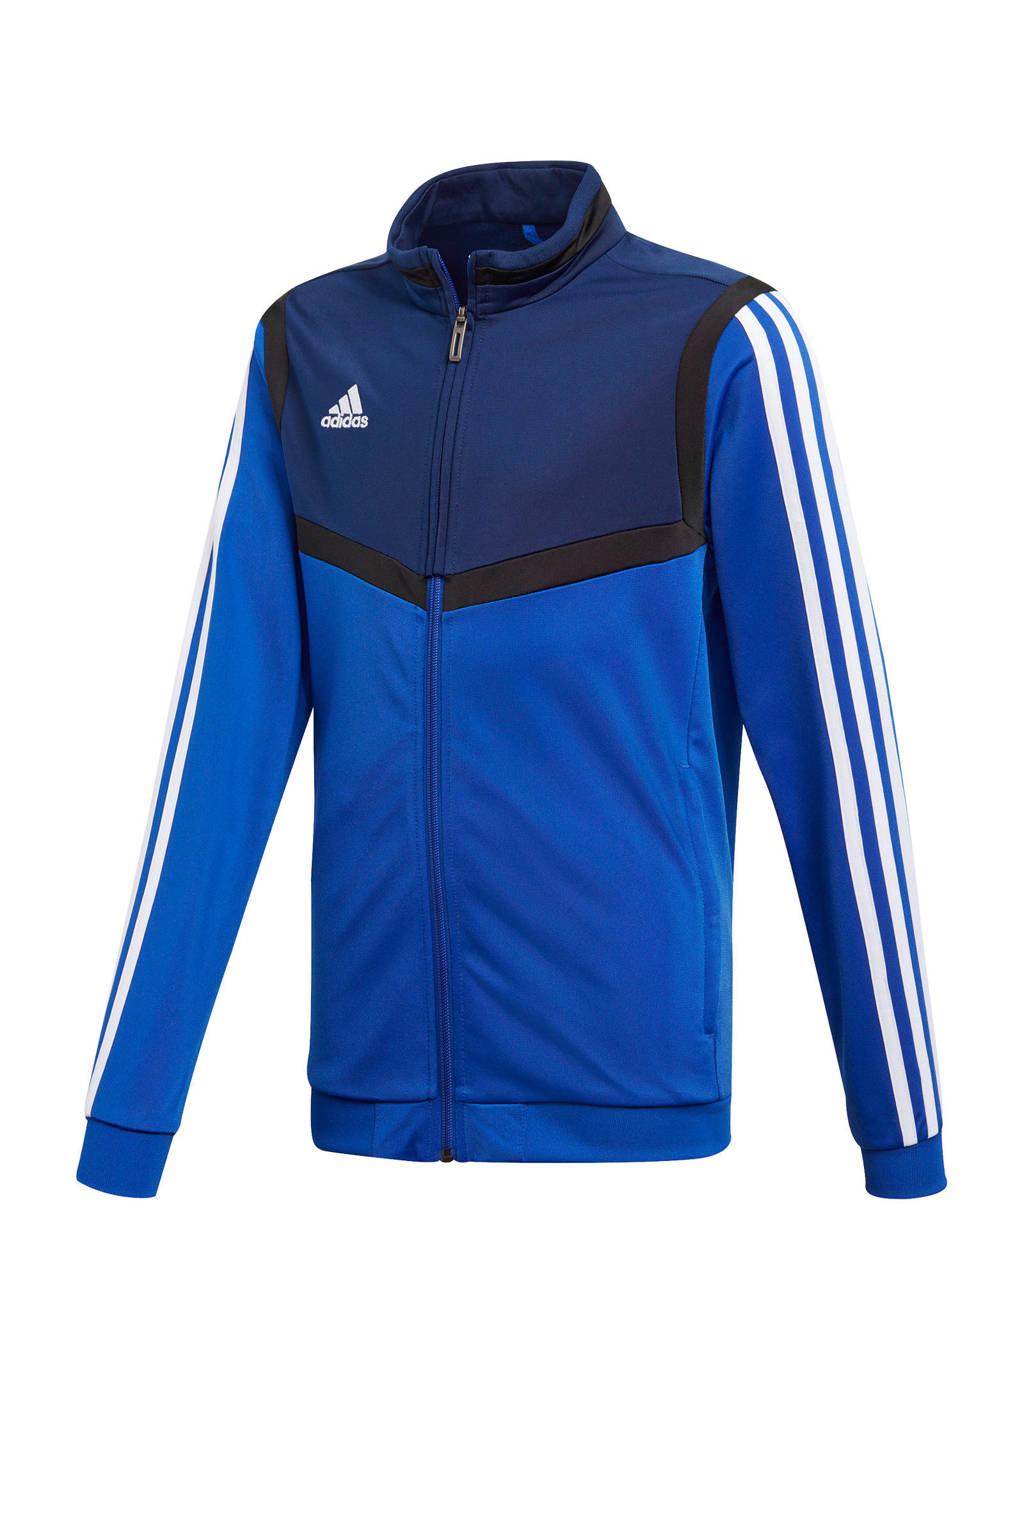 adidas performance   sportvest blauw, Blauw/donkerblauw/wit